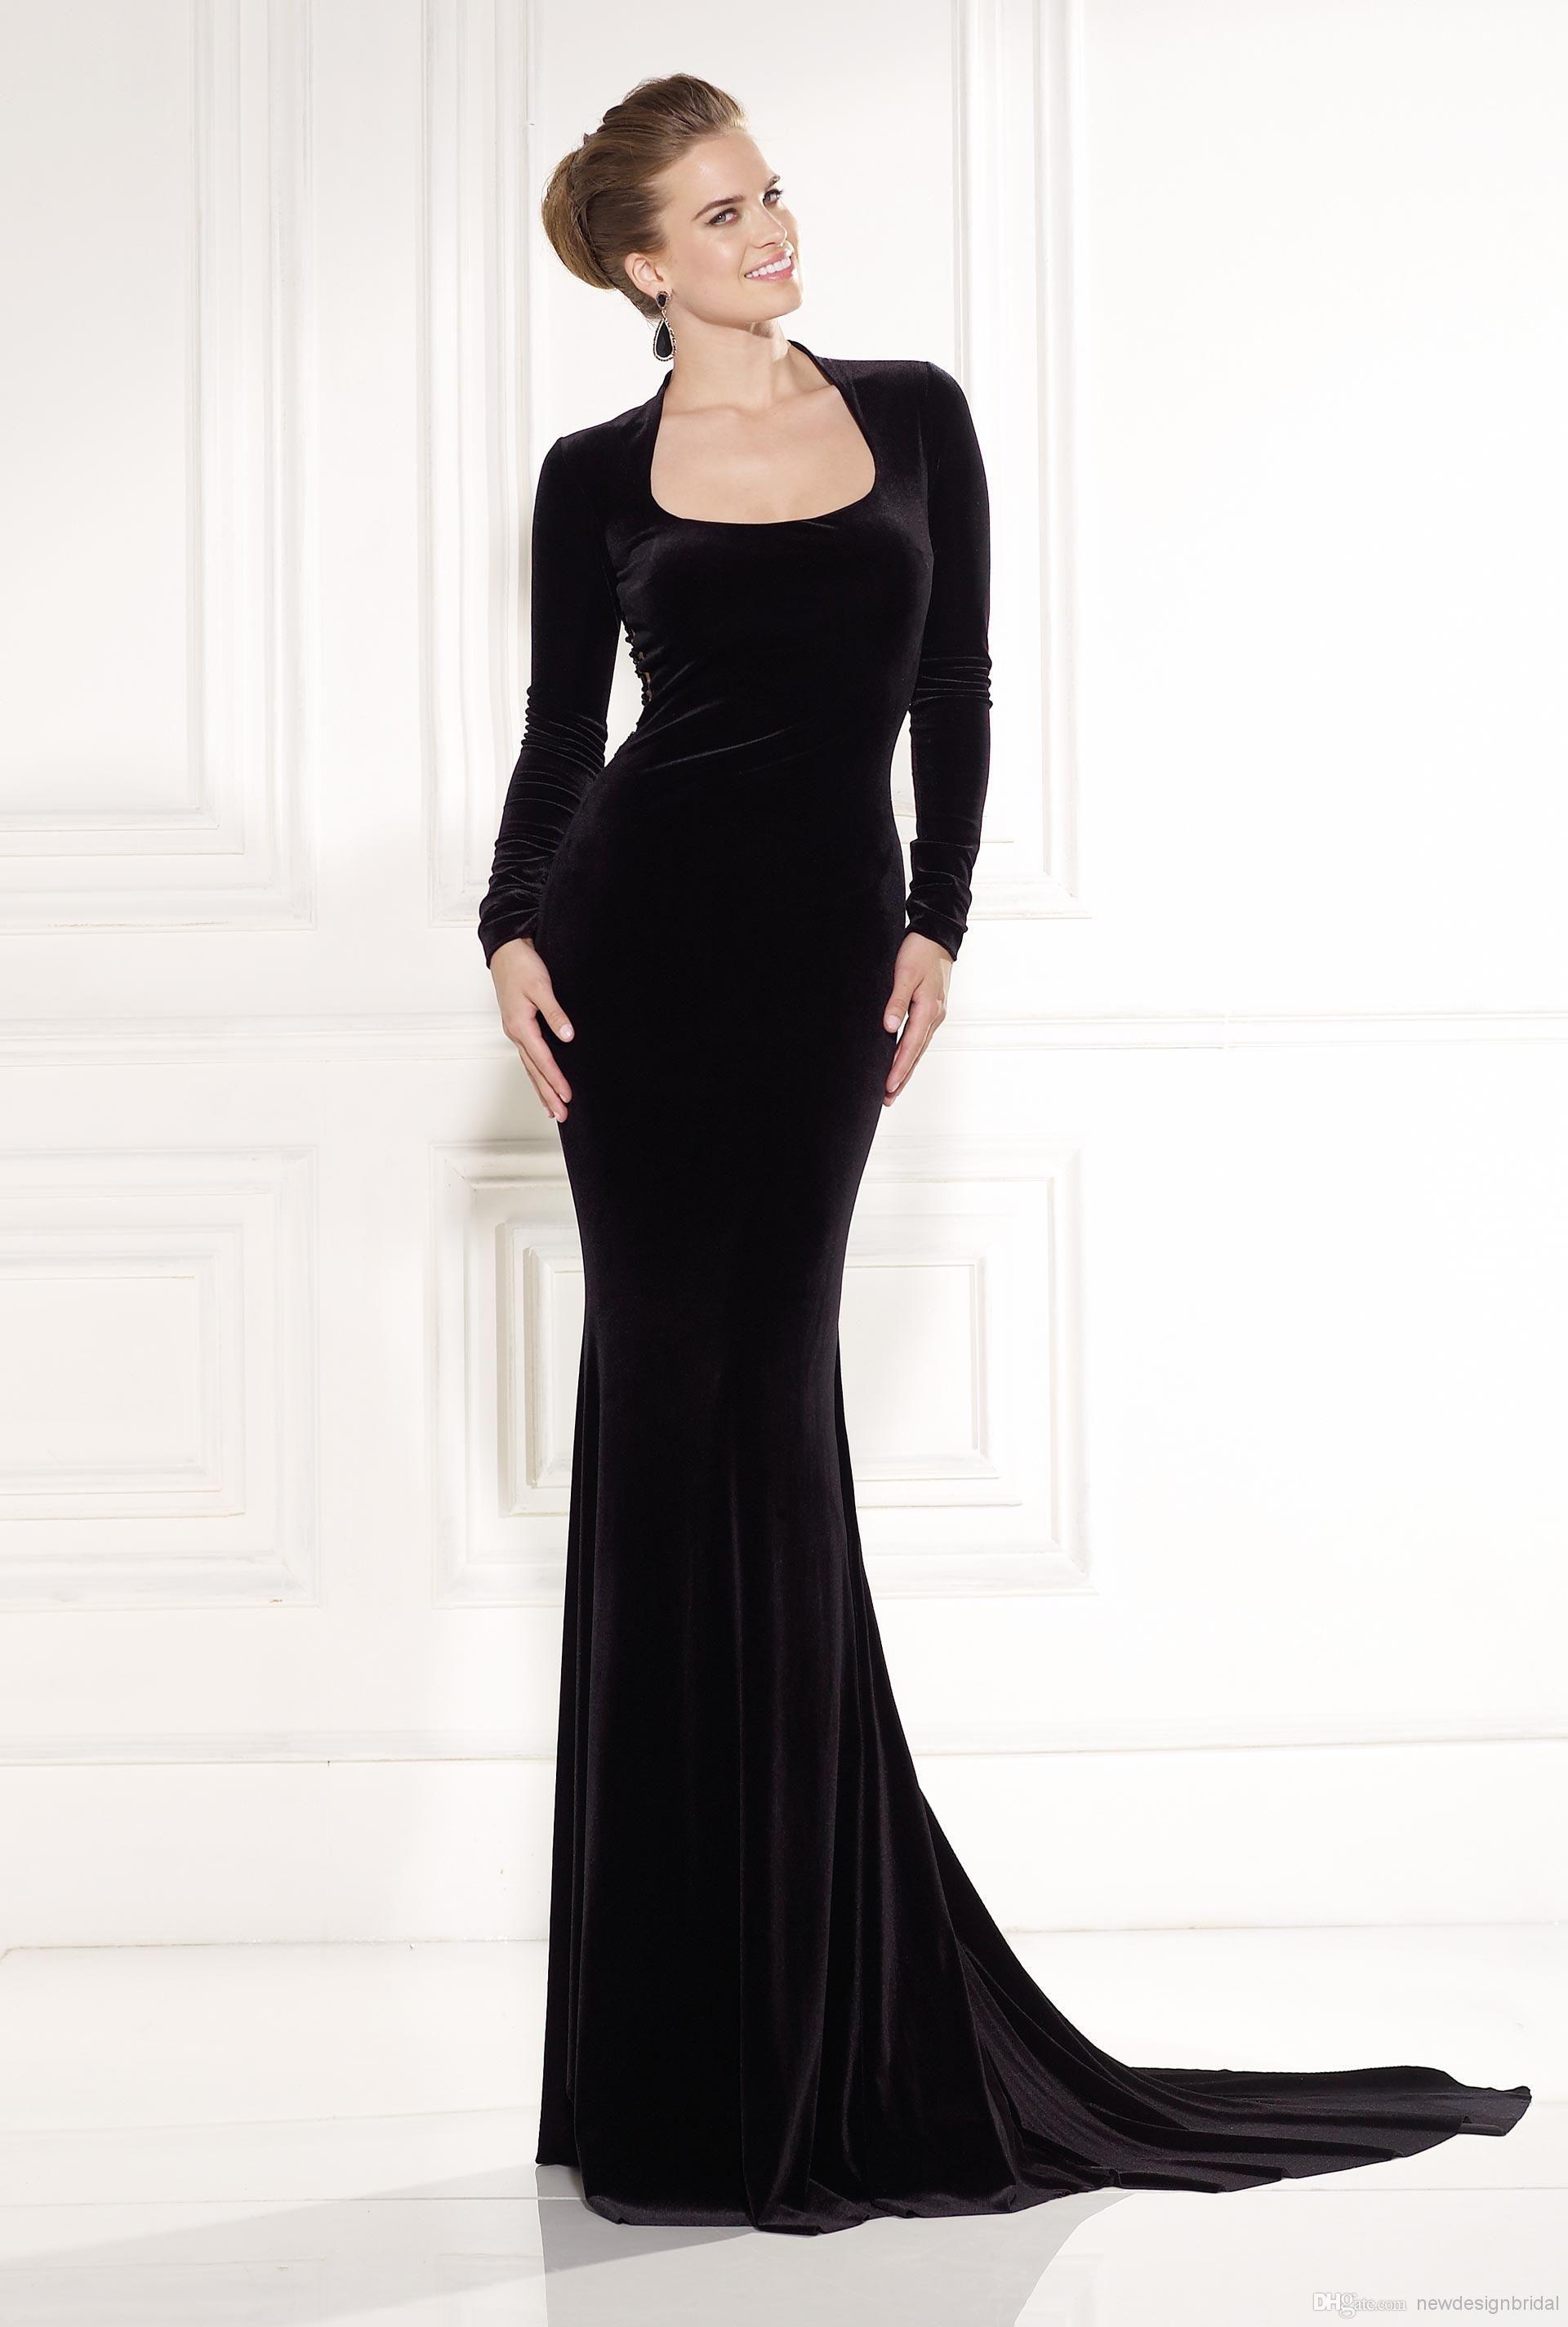 3 Black Tie Affair Fashion Dresses Gowns Evening Dresses